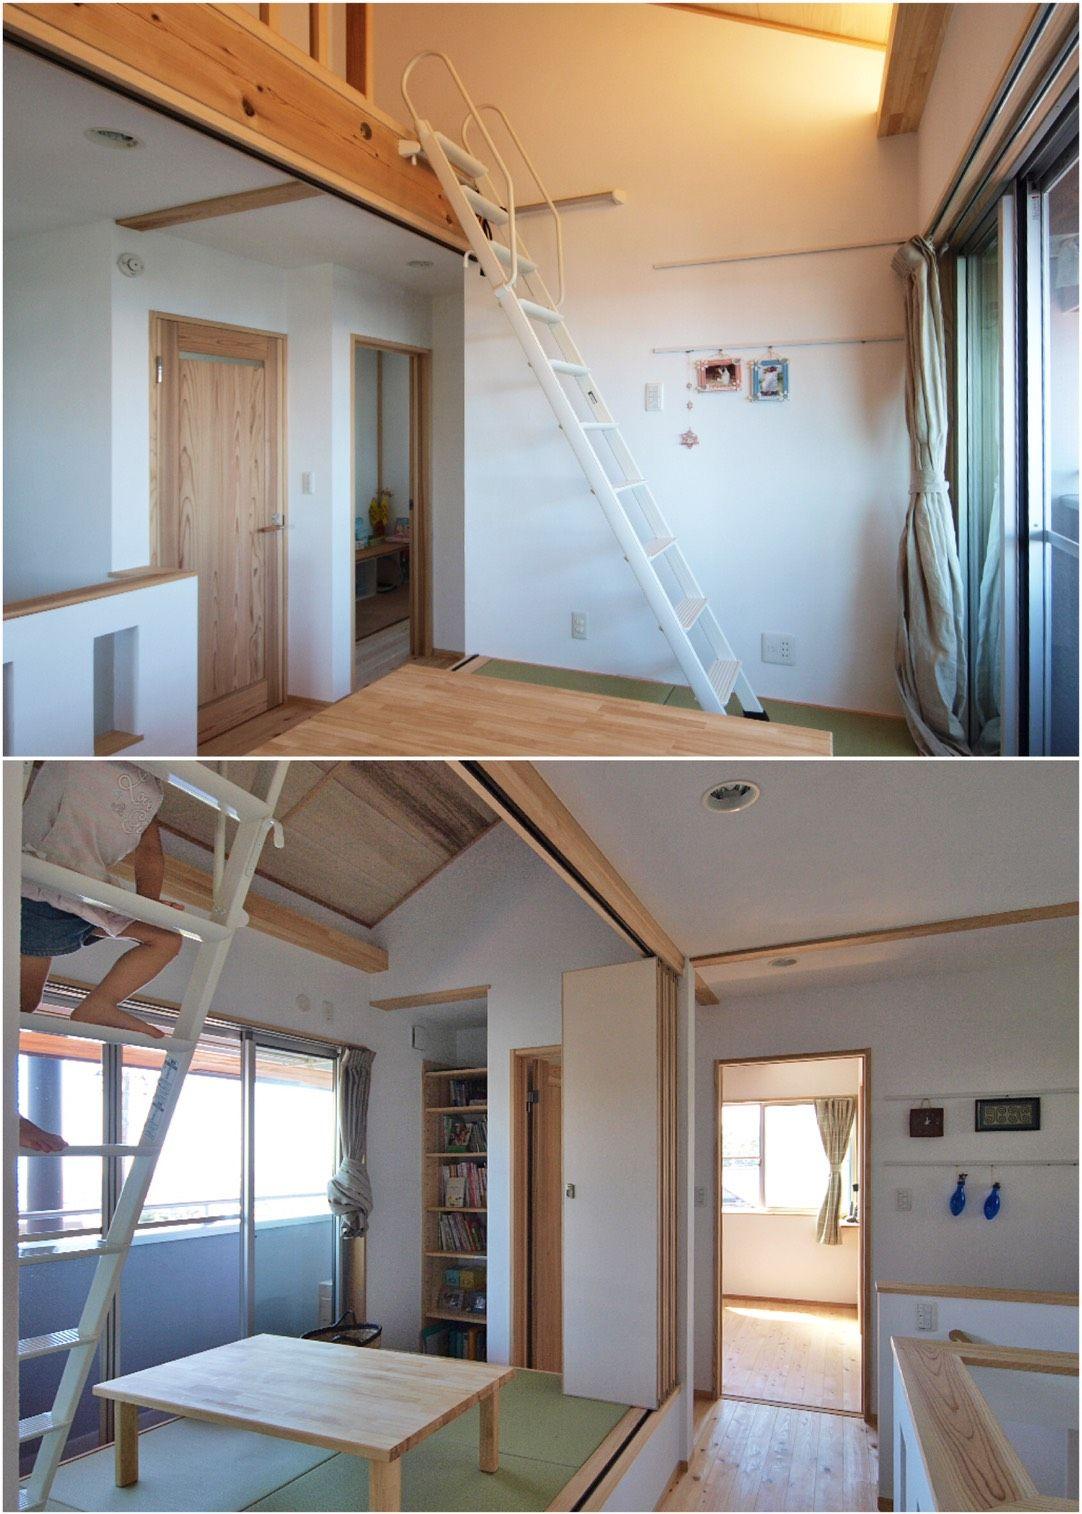 ロフトへつながる簡易階段 屋根空間も広々活用 家 マイホーム